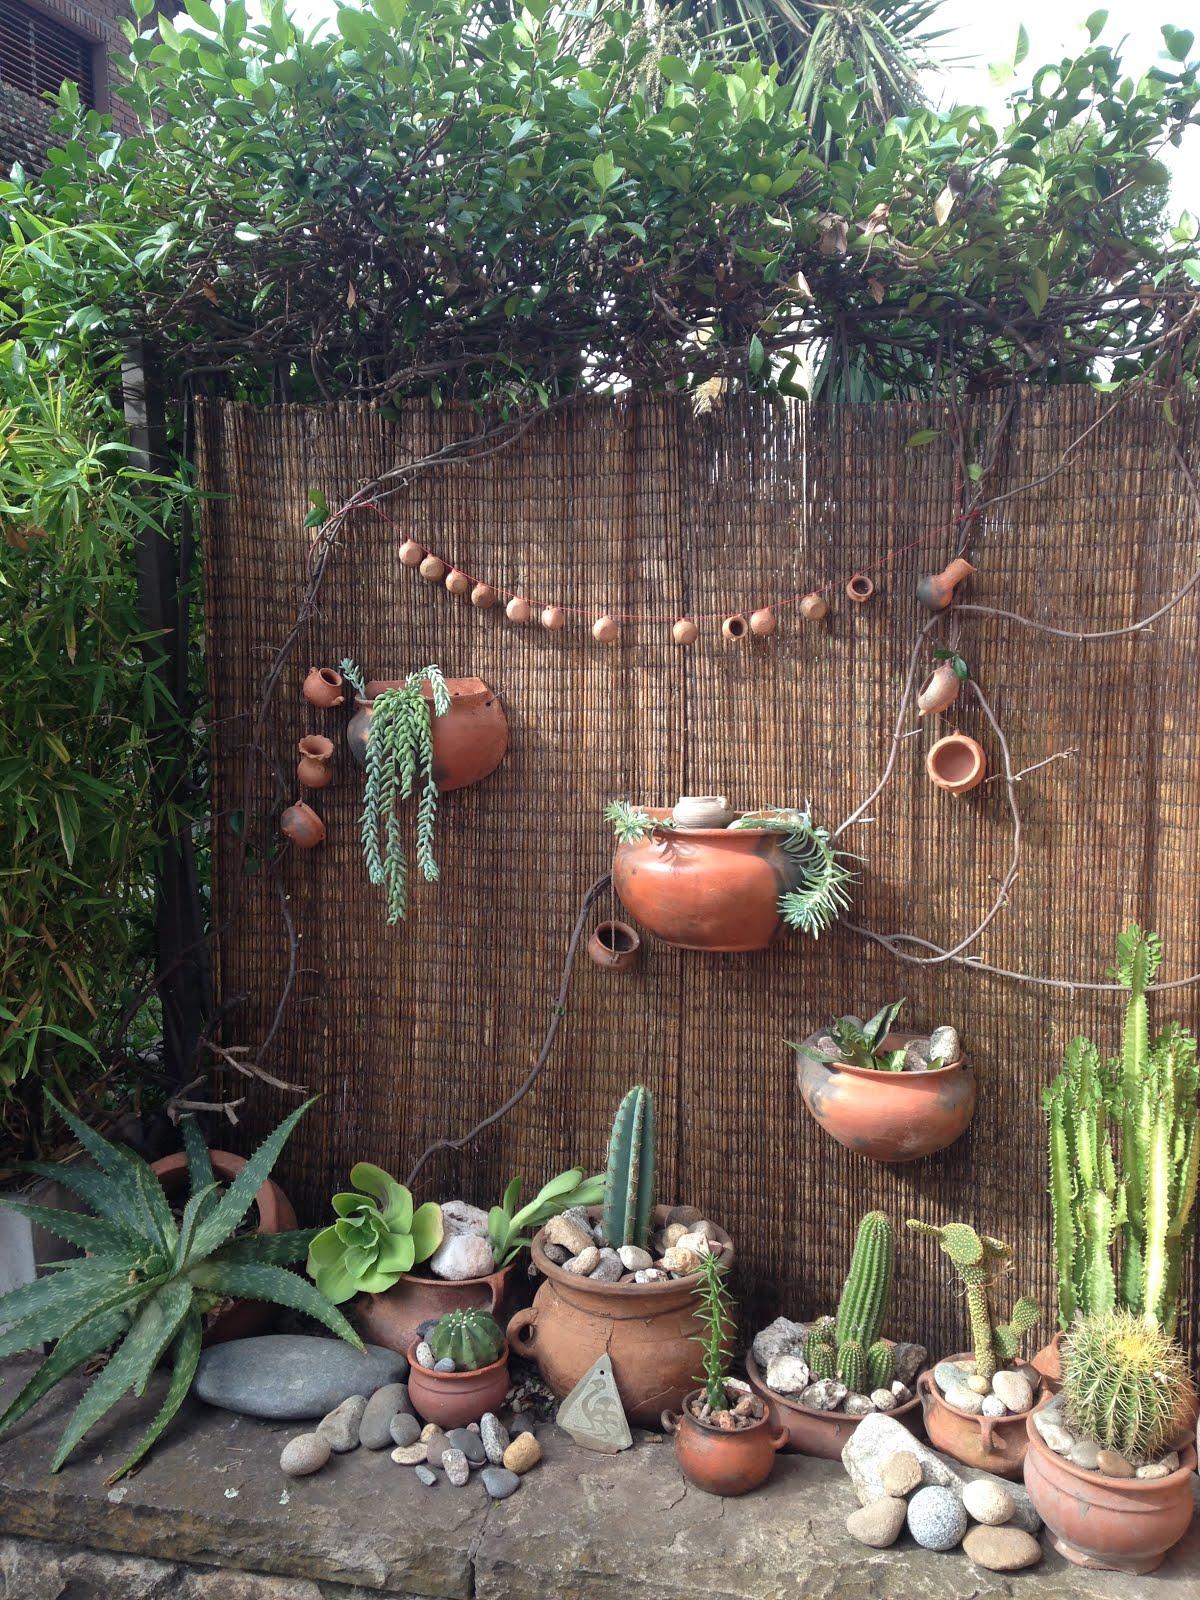 Enviar por correo electr nico escribe un blog compartir for Jardines rusticos fotos